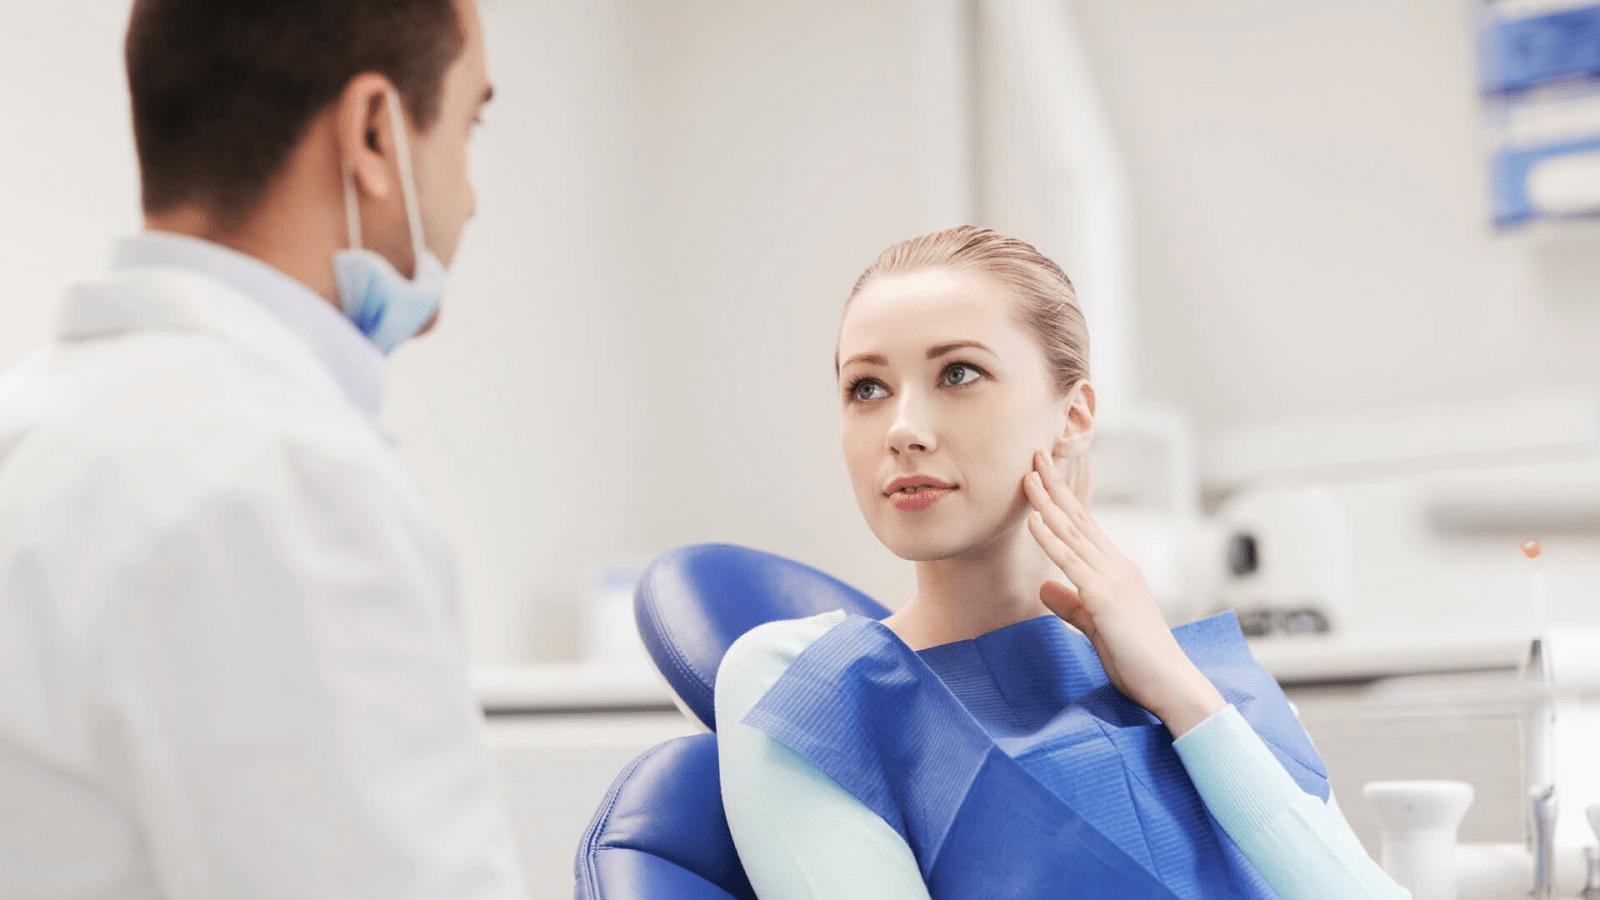 thủ thuật nha khoa khiến răng nhạy cảm